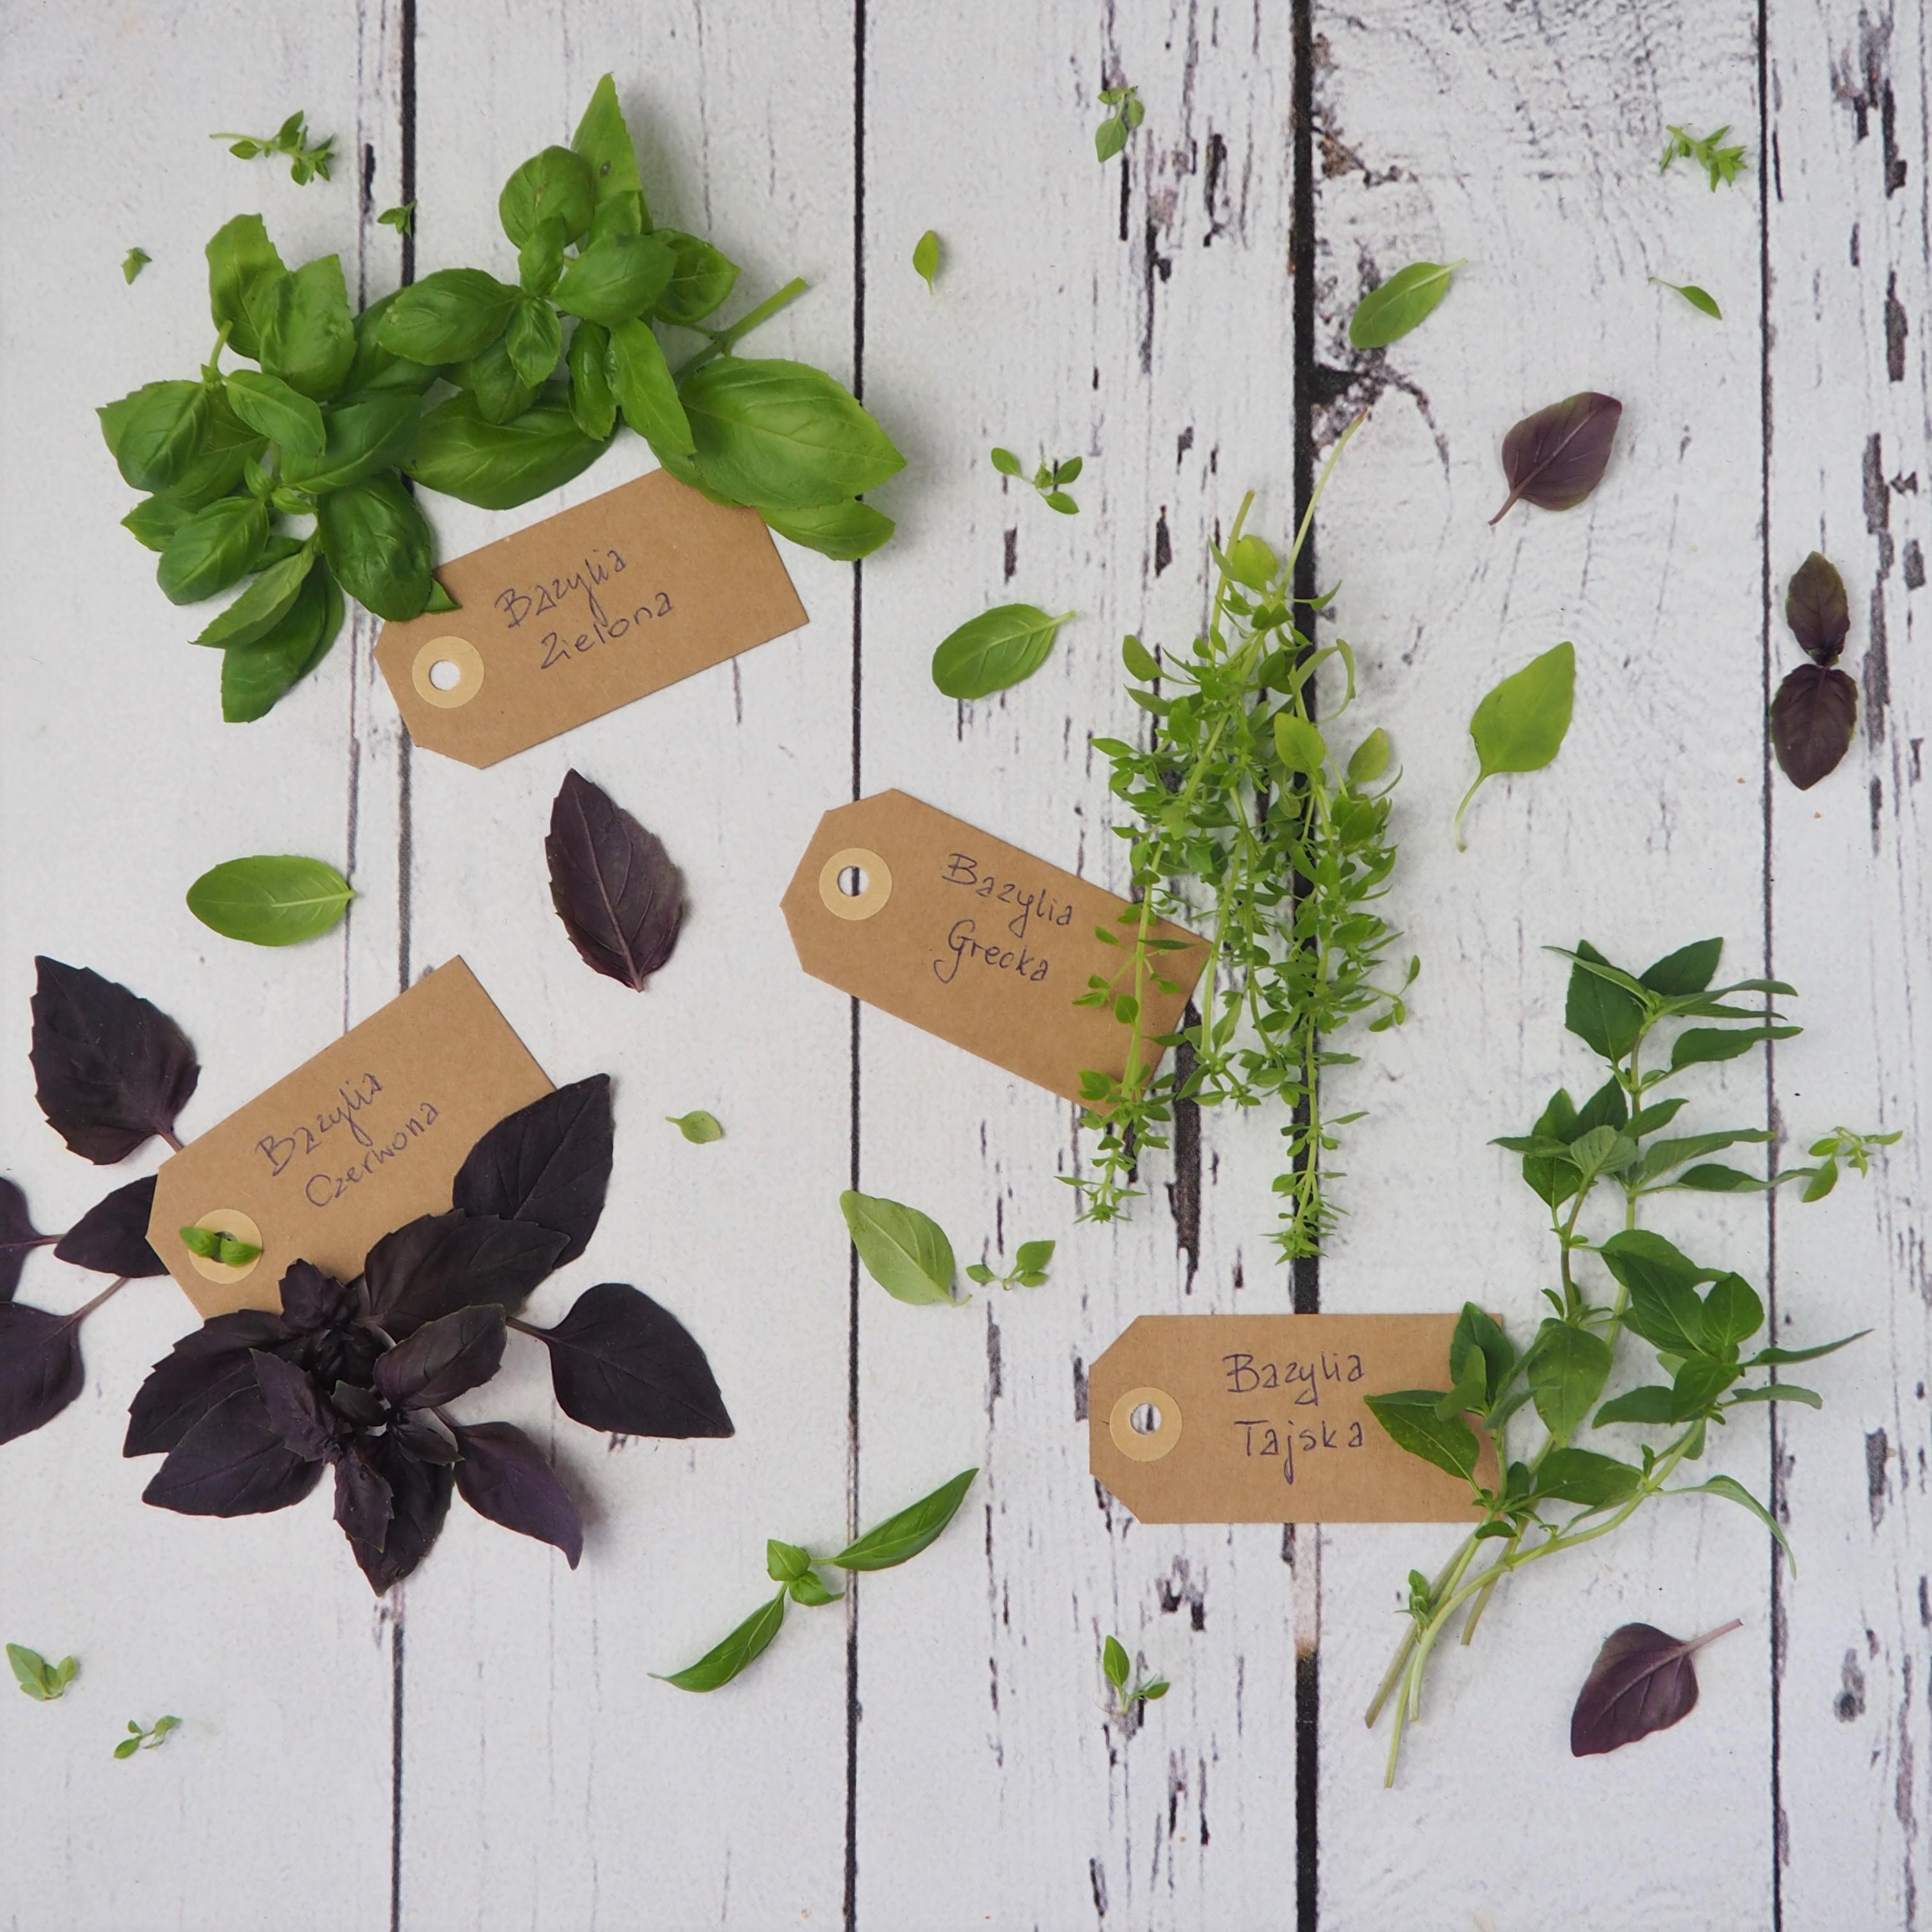 Bazylia – właściwości, odmiany, inspiracje kulinarne